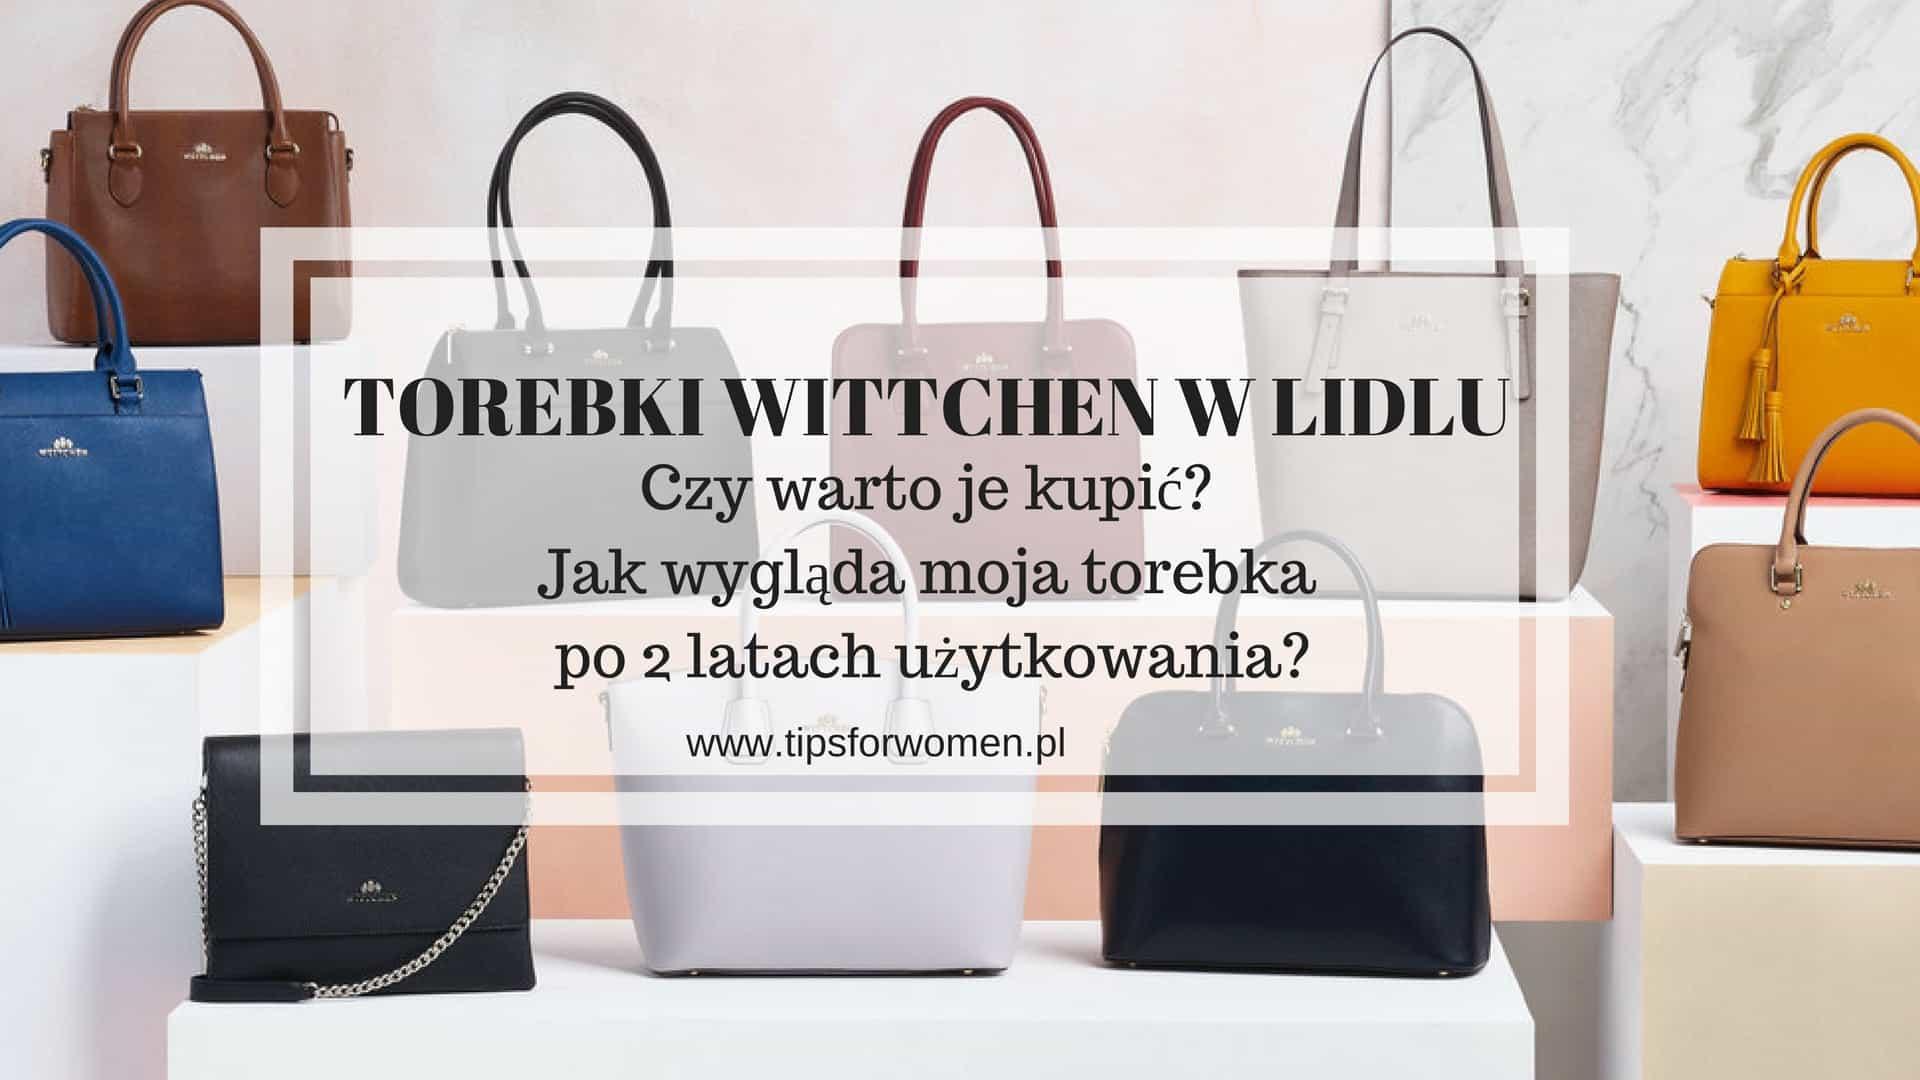 a0a3fa2e5d9a2 Torebki Wittchen w Lidlu - Warto kupić, a może mają ukryte wady?